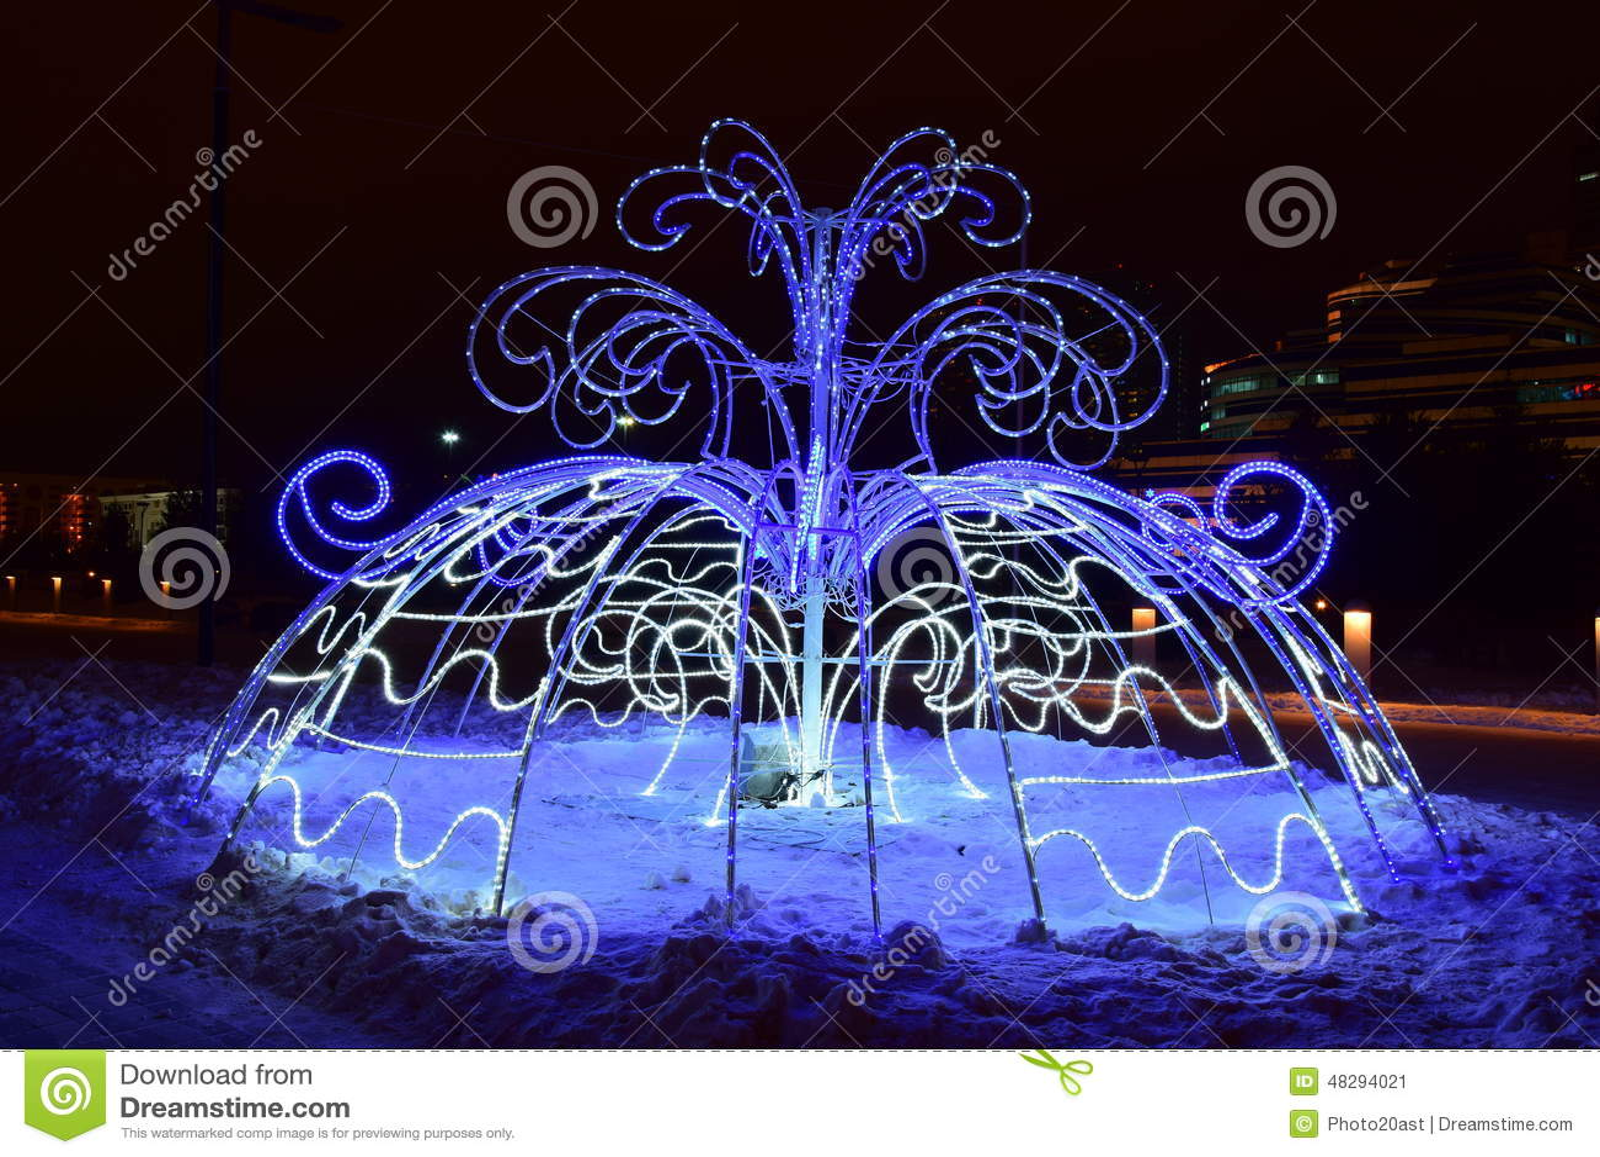 Christmas street decoration in astana kazakhstan - Les plus belle decoration de noel ...